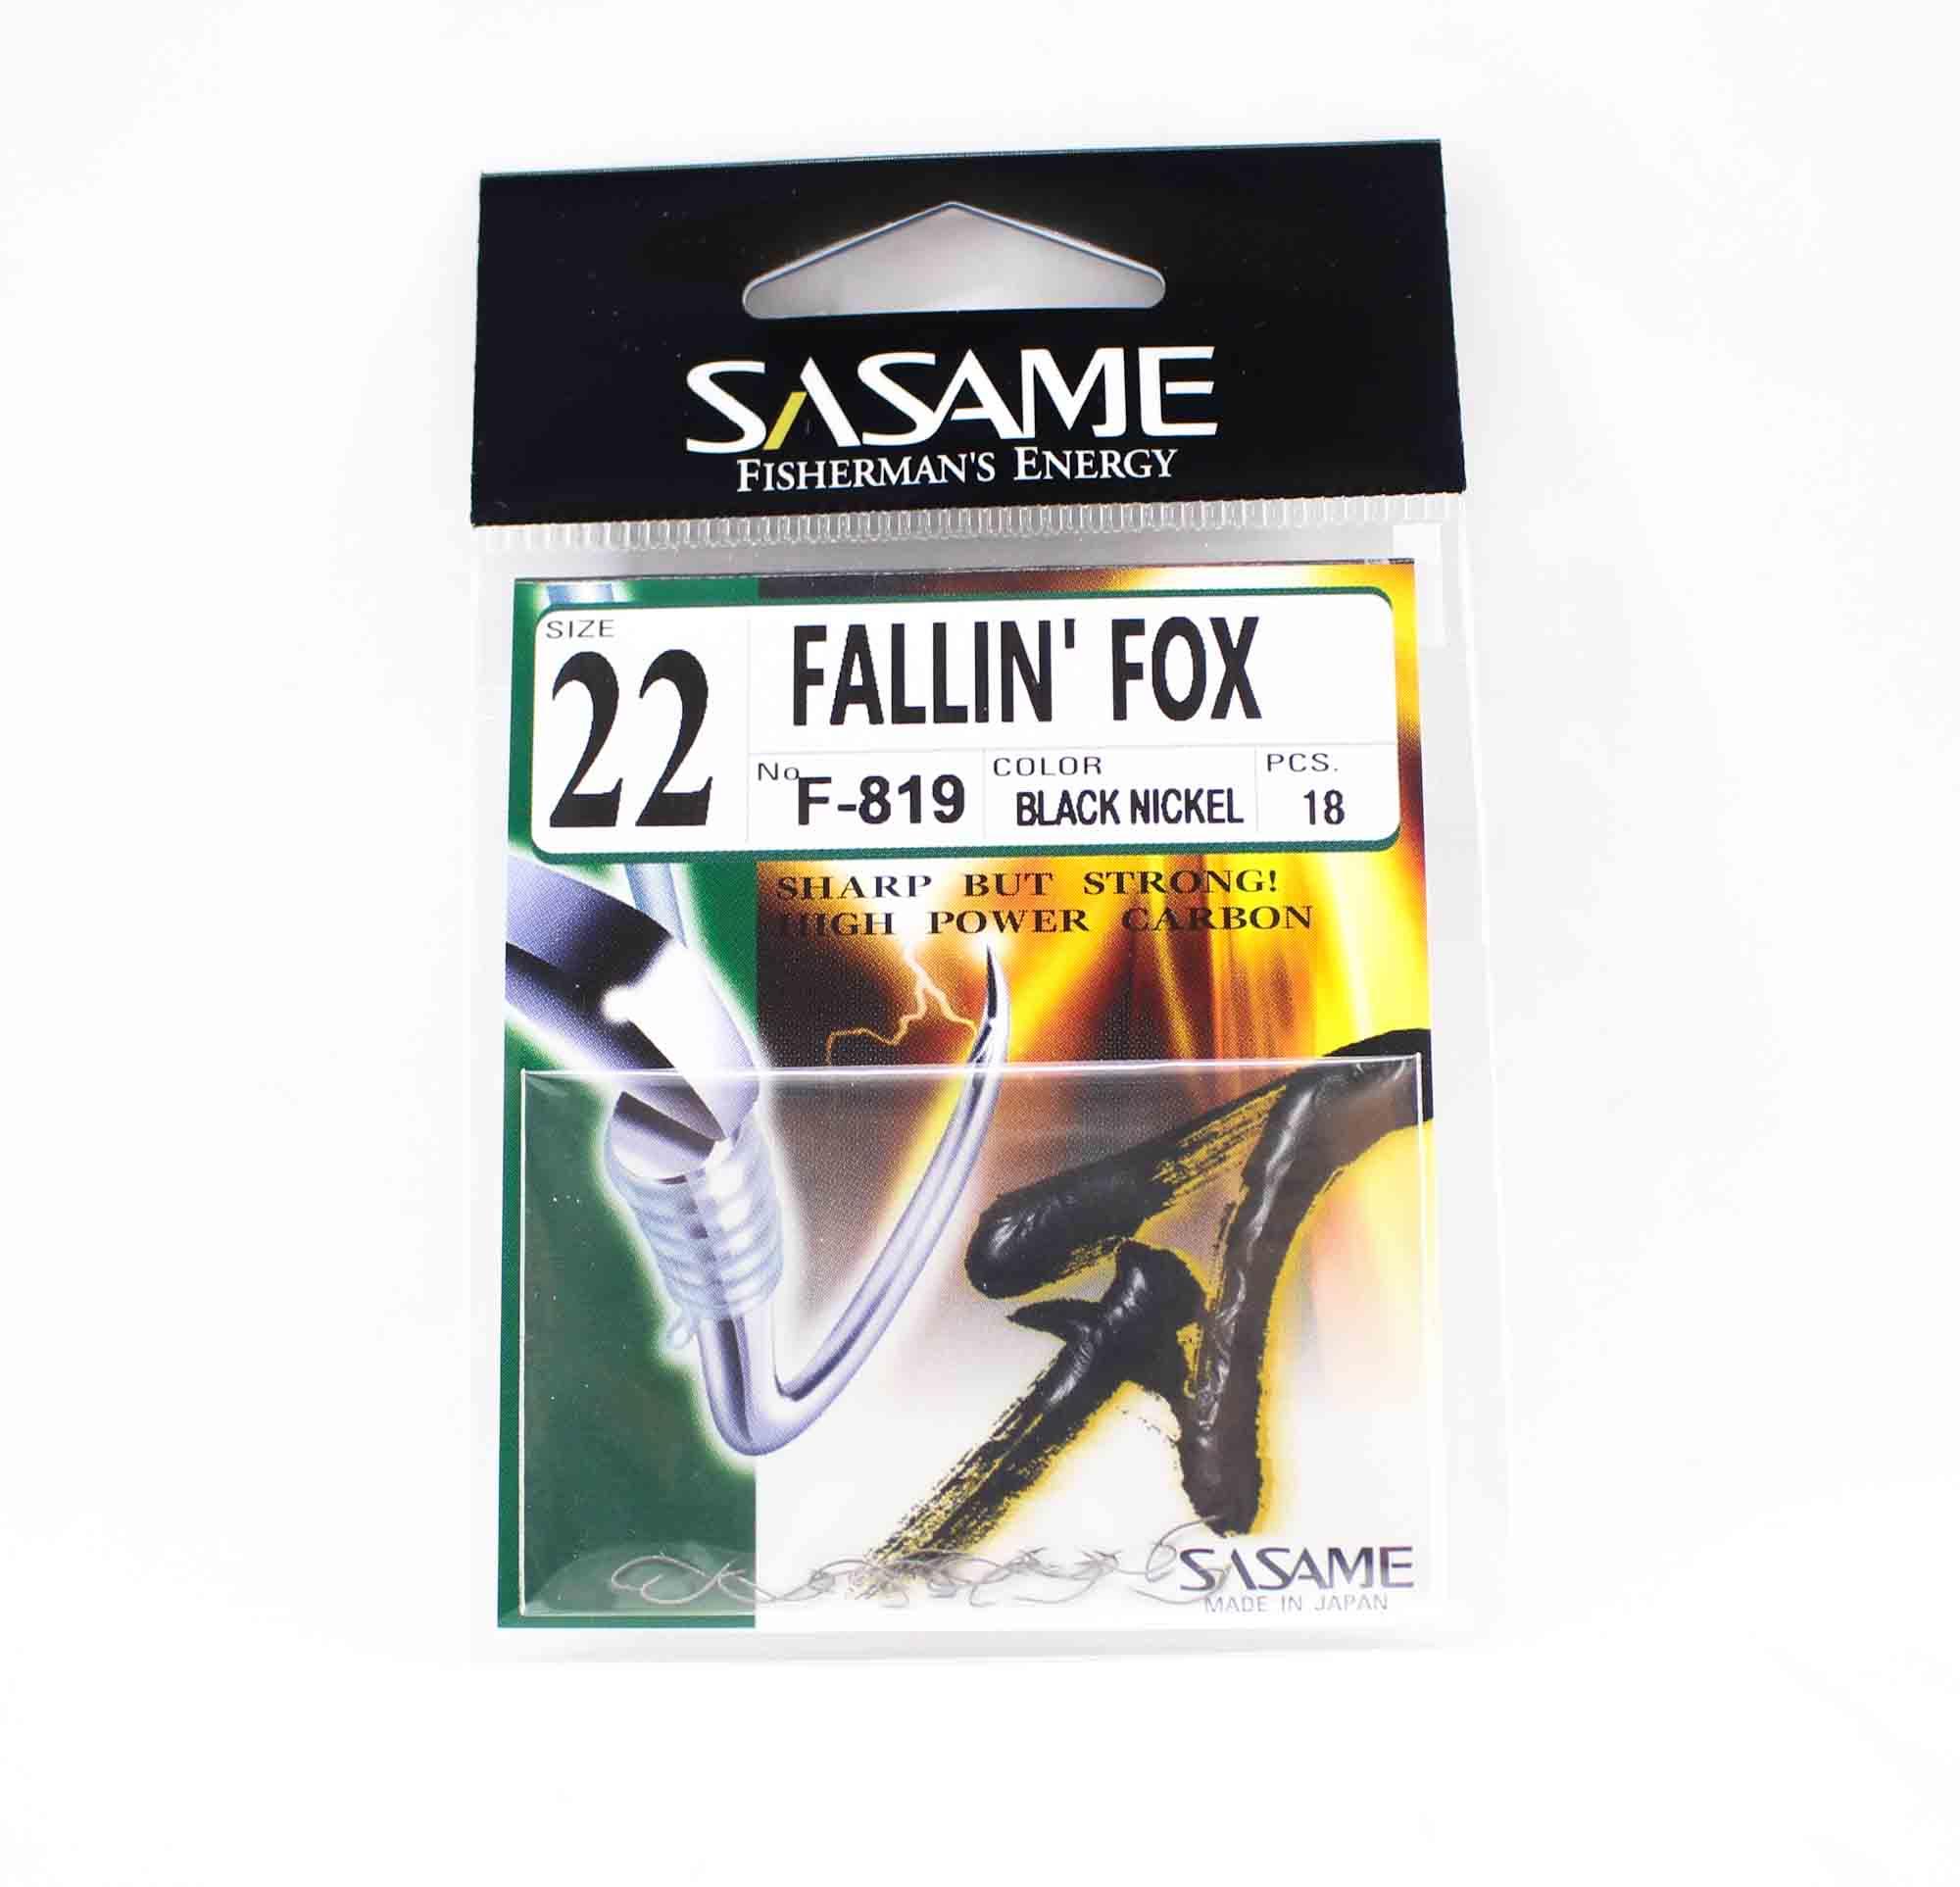 Sasame F-819 Falling Fox Bait Hook Size 22 (6015)